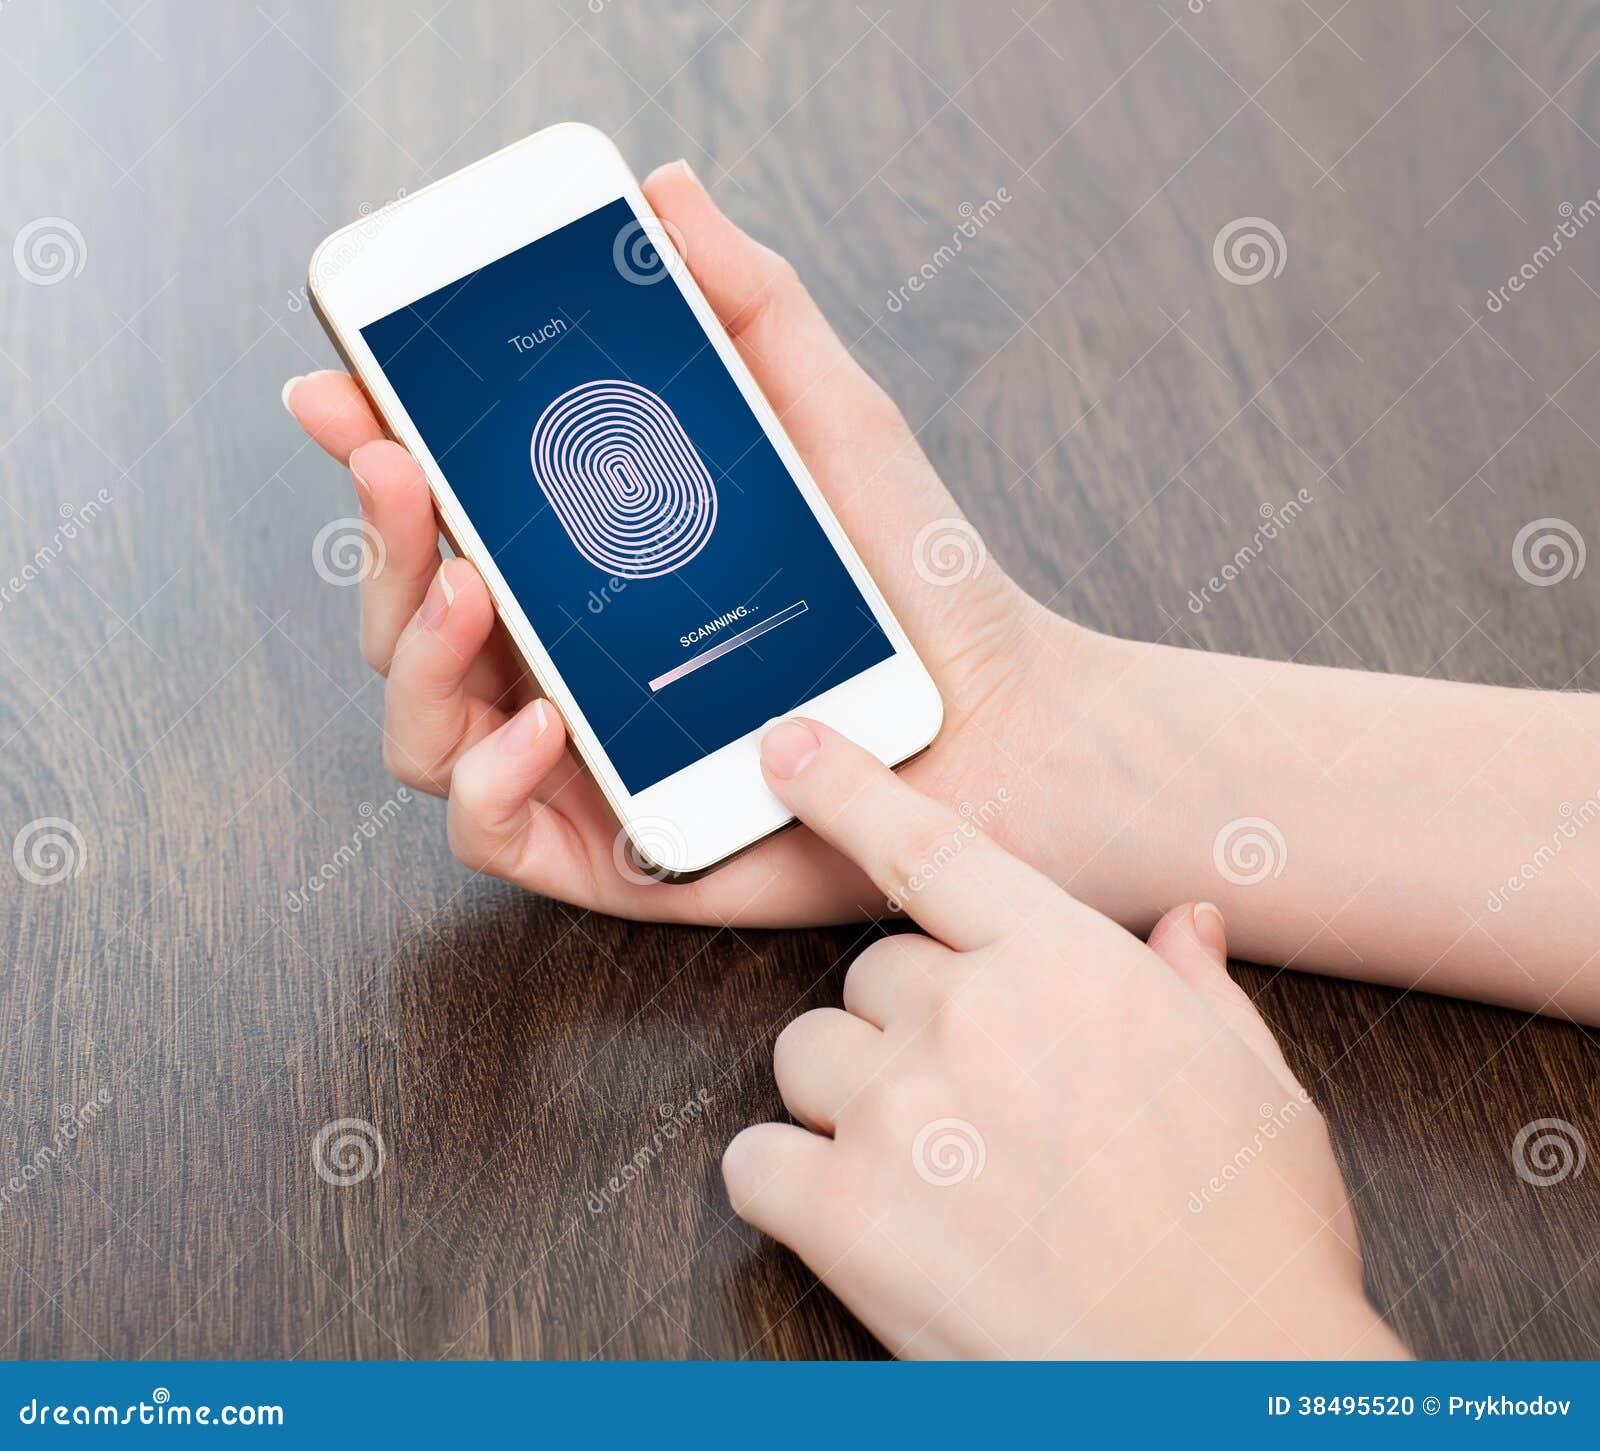 Weibliche Hände, die ein Telefon halten und den PIN-Code des Fingers eingeben